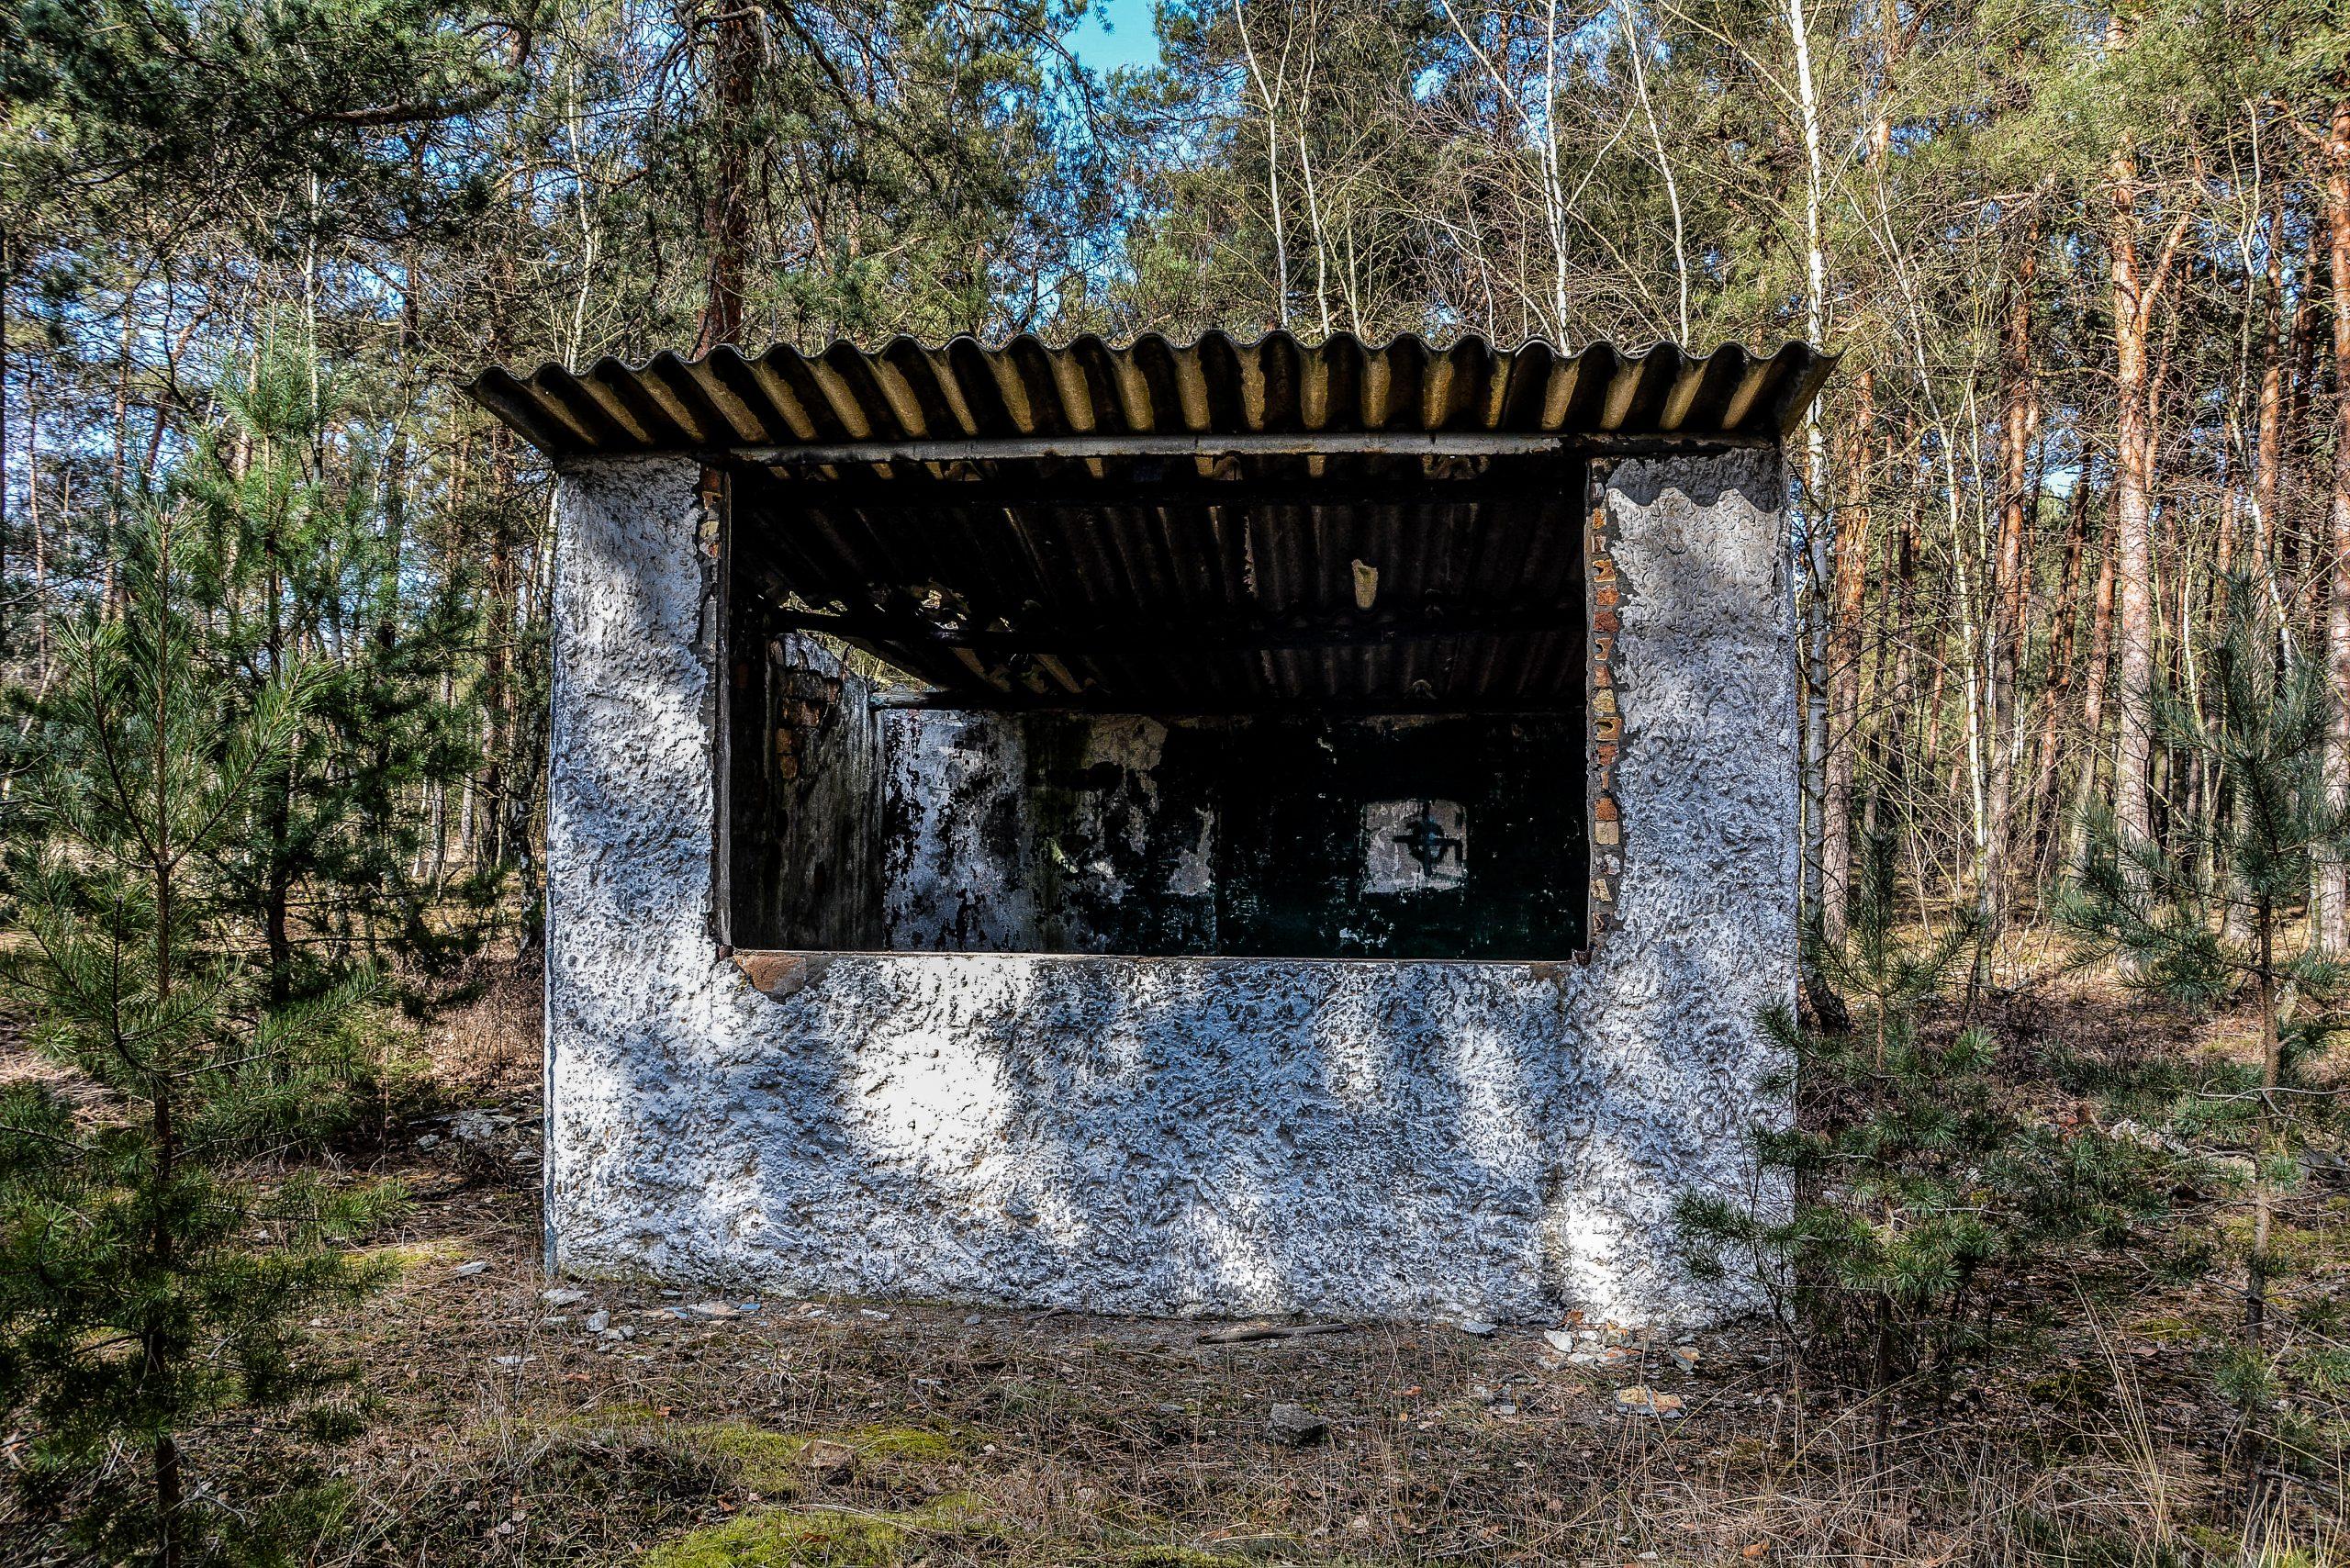 observation bunker forst zinna adolf hitler lager luckenwalde juterbog sowjet kaserne soviet military barracks germany lost places urbex abandoned